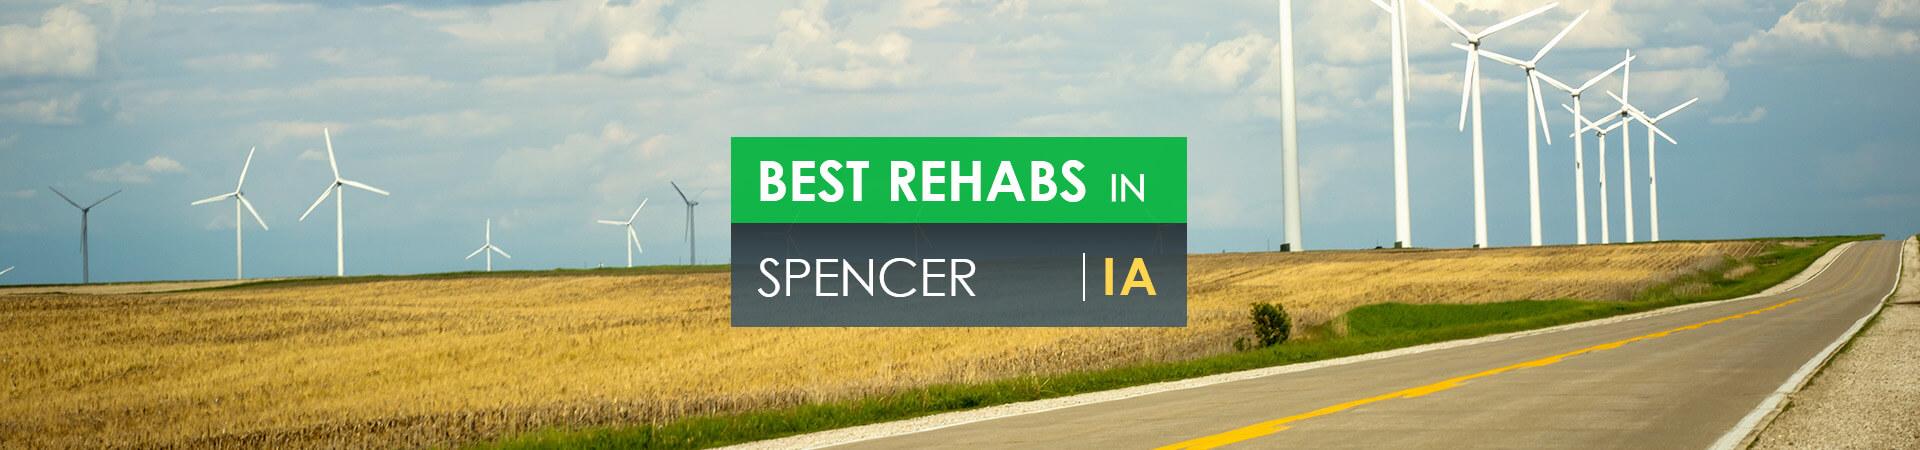 Best rehabs in Spencer, IA